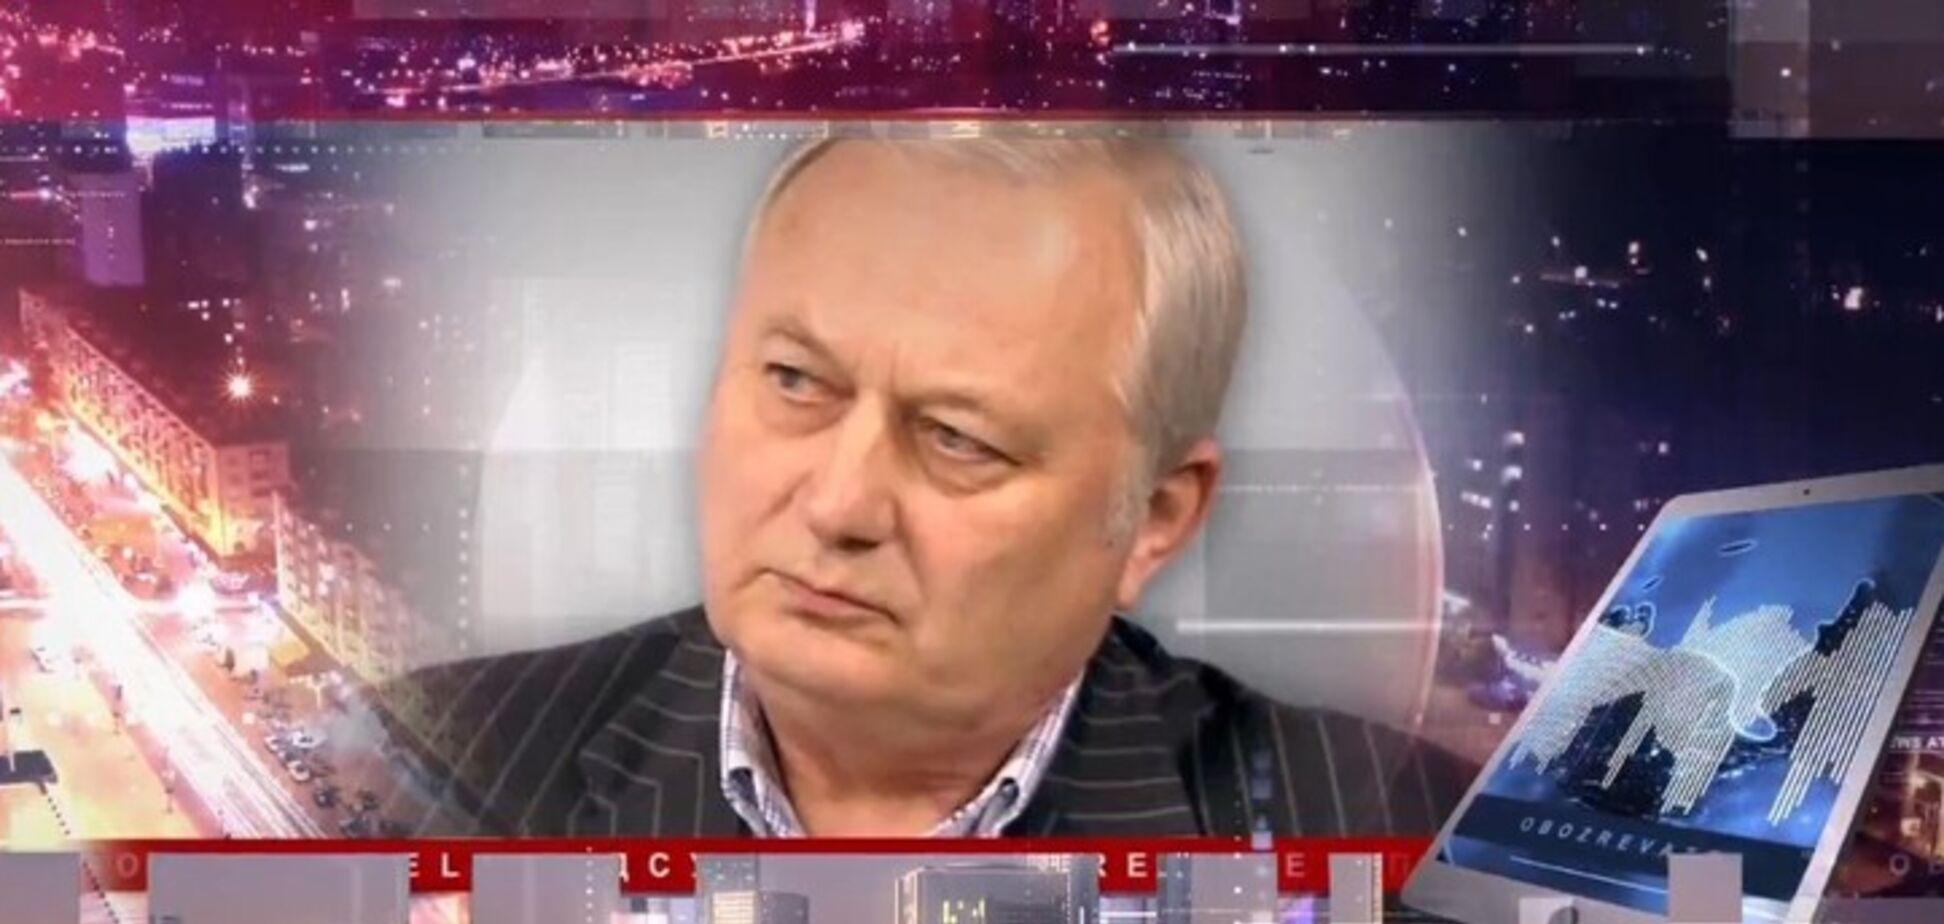 Зеленский должен срочно позвонить Путину и договориться о встрече: военный эксперт